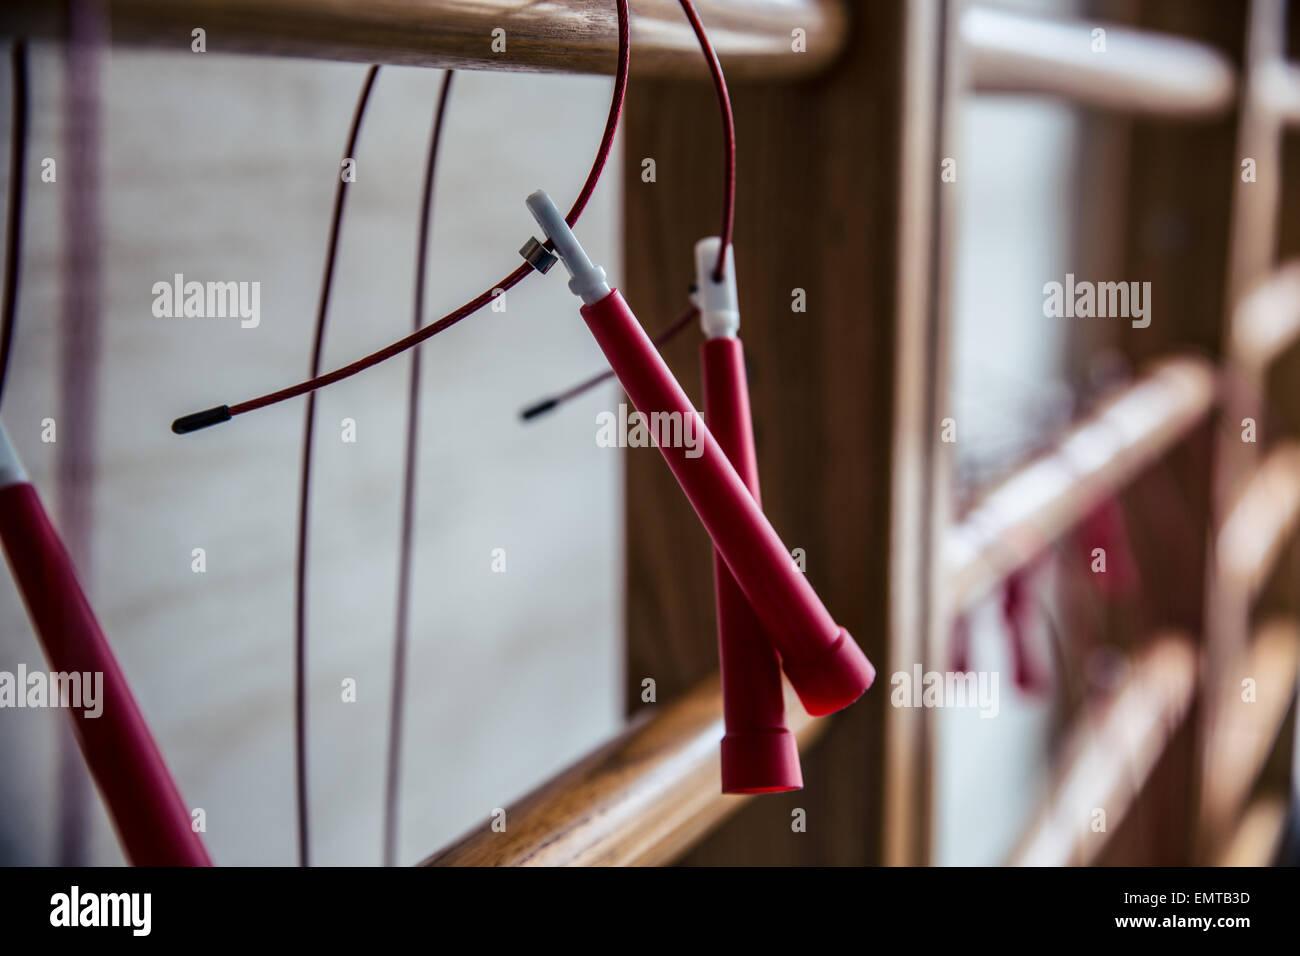 Primo piano immagine di un salto con la corda sulla parete bar Immagini Stock